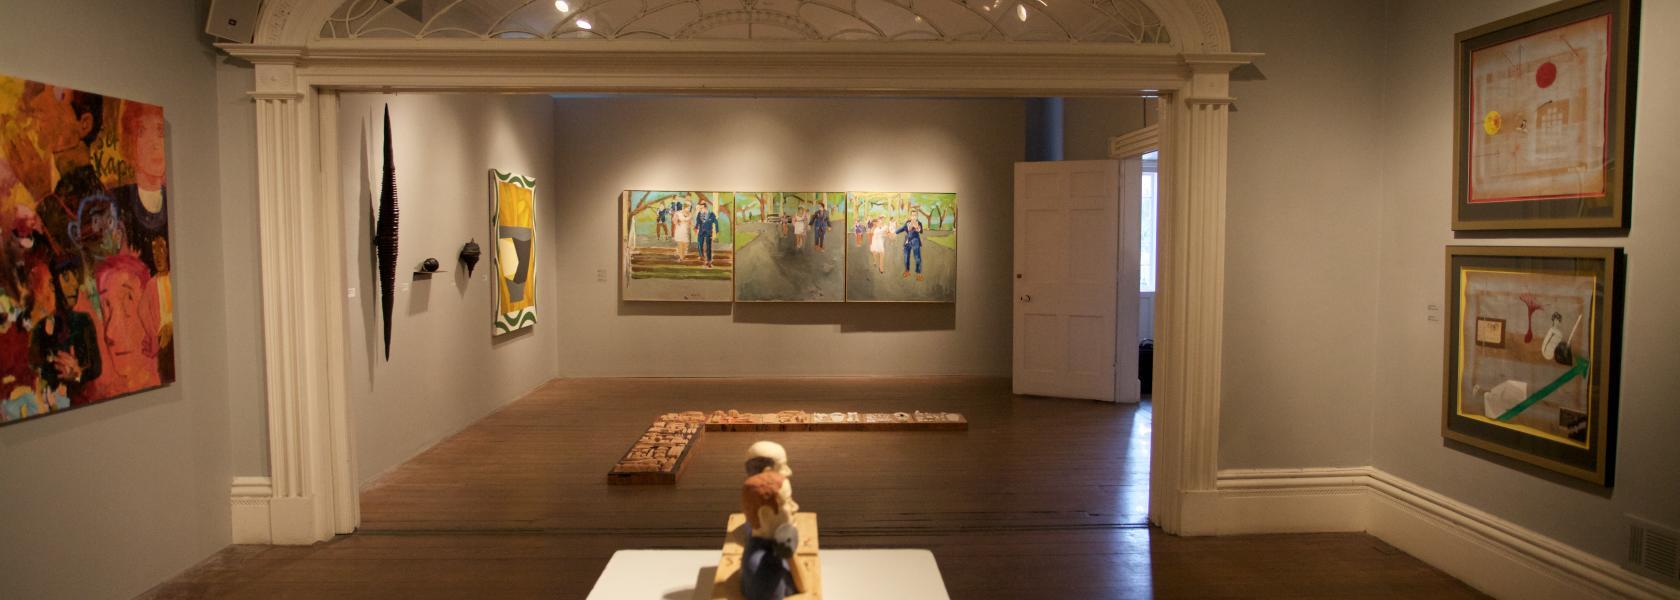 Gertrude Herbert Institute of Art Gallery